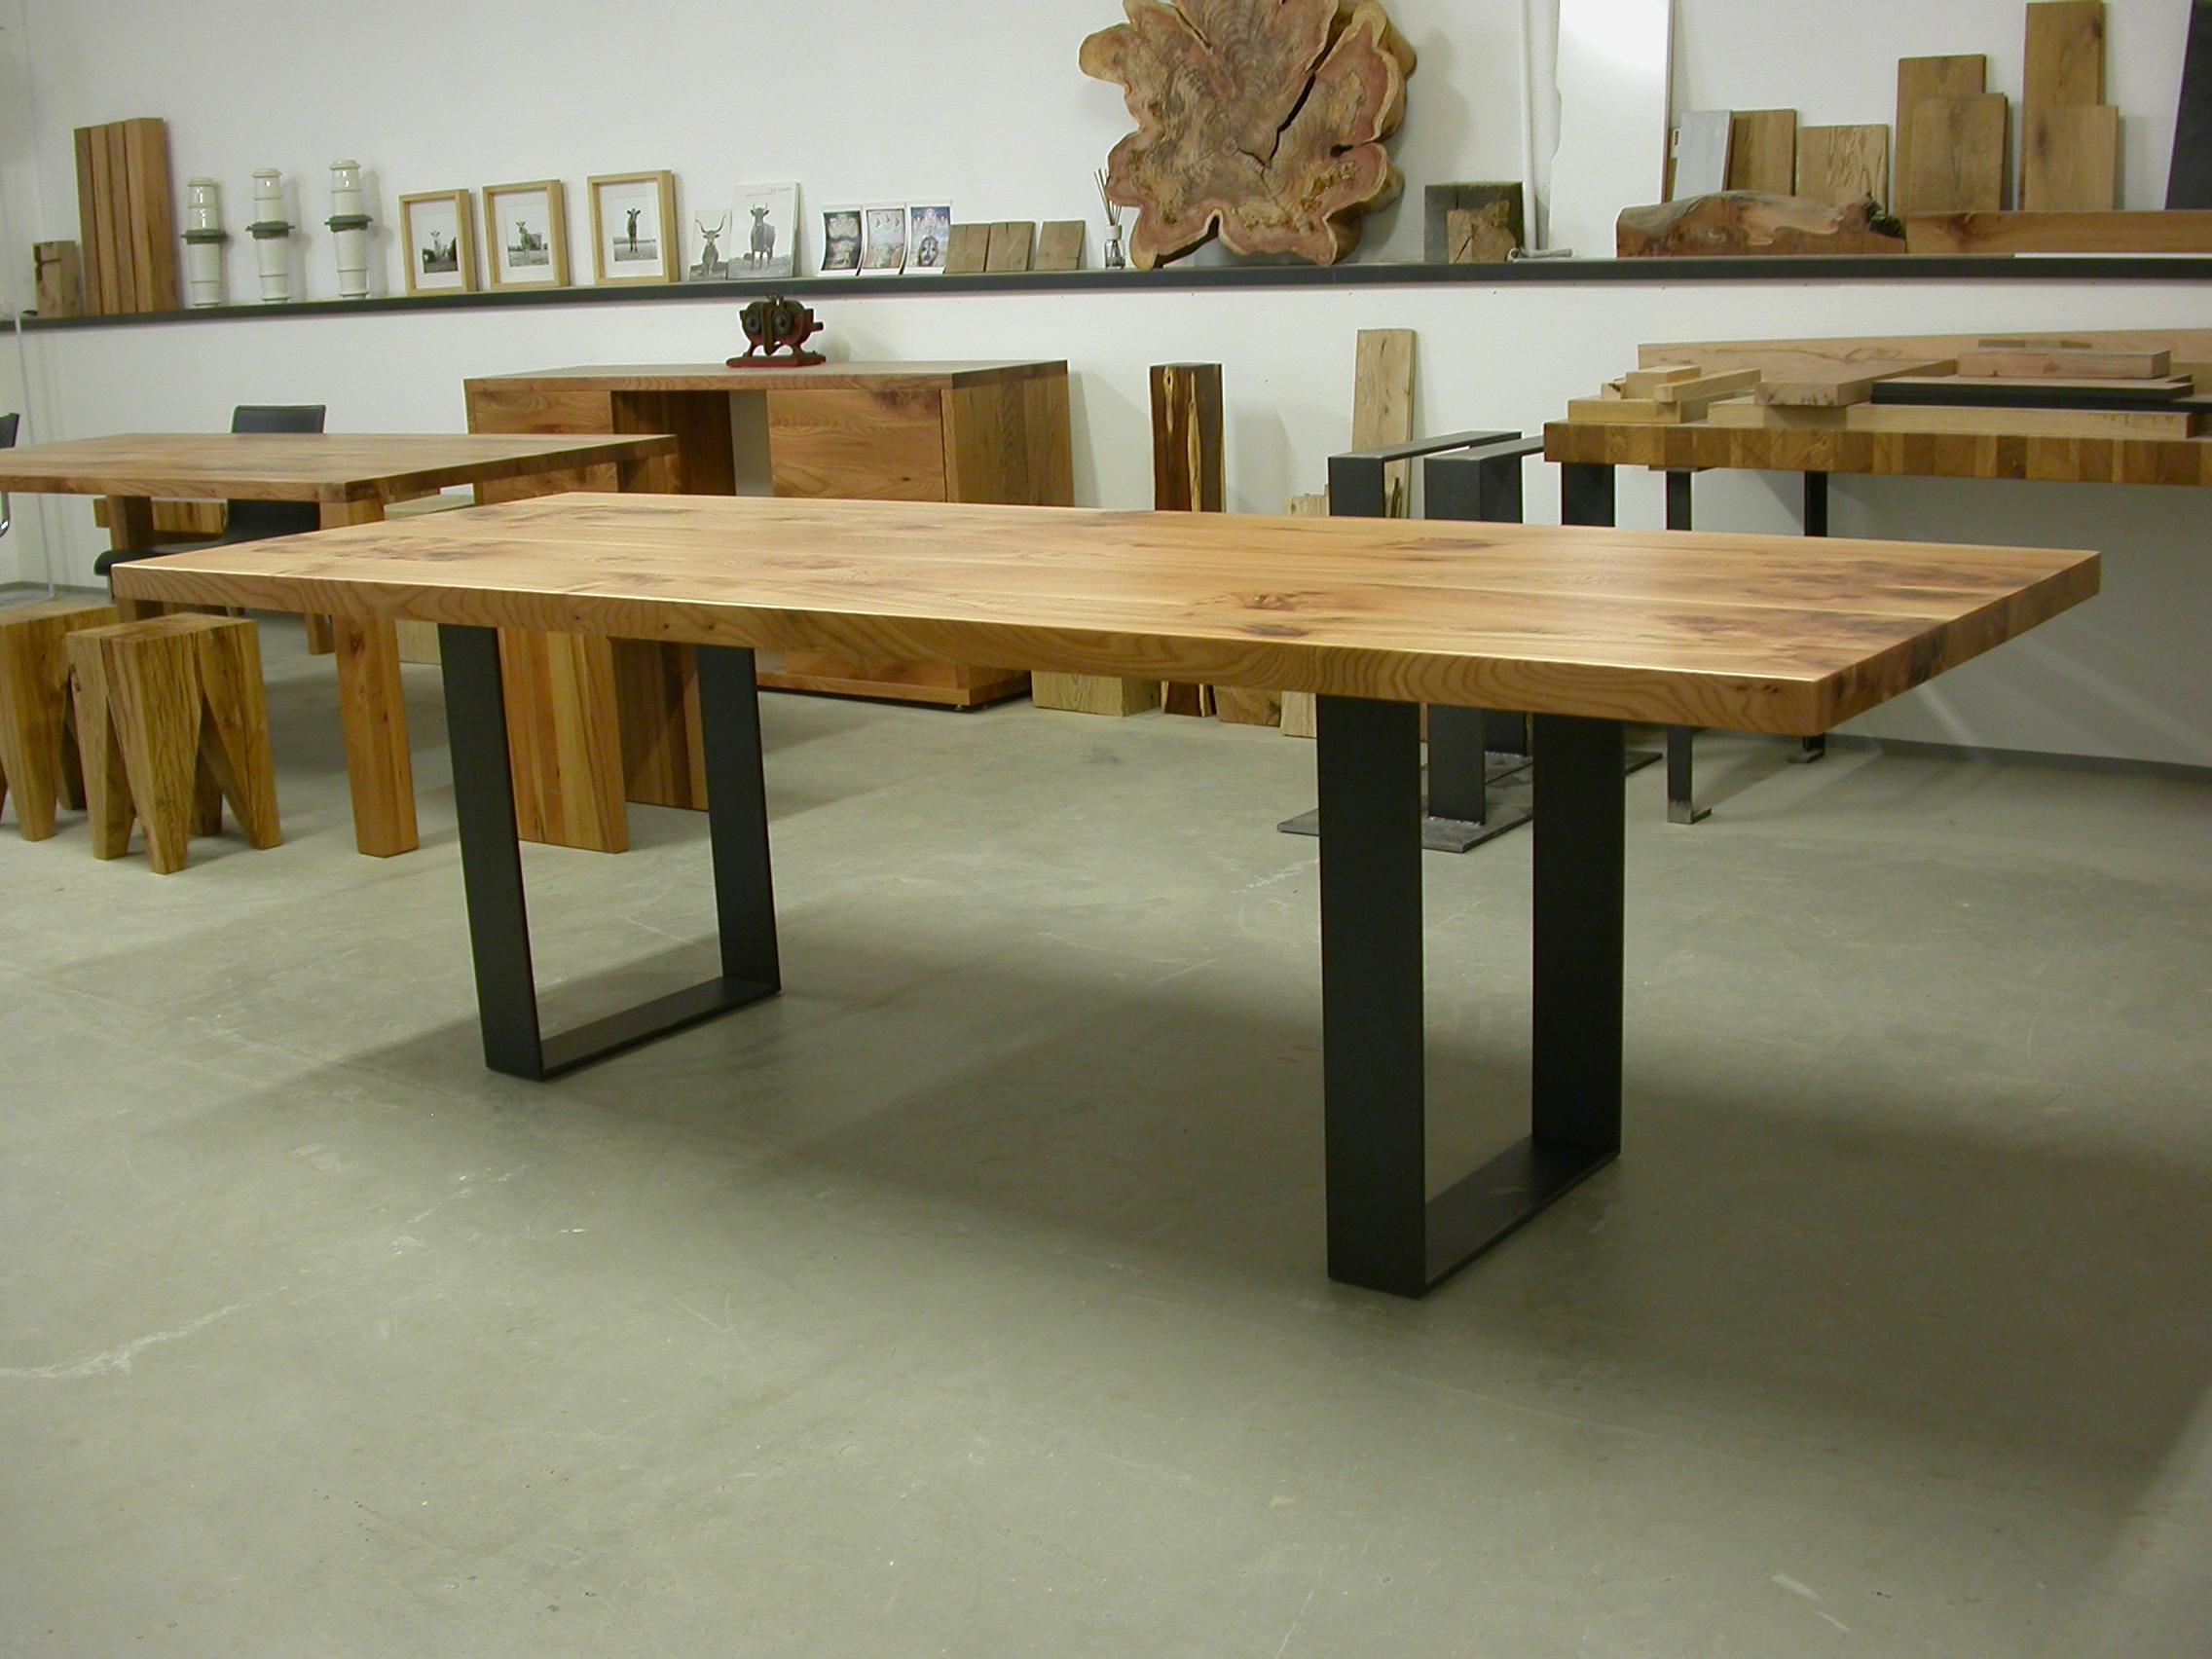 Tisch Oscar 250 x 90 x 75 cm, Rüster 5 cm stark und Stahlgestell Natur klar lackiert: Preis 1.850 Euro inkl. 19% Umsatzsteuer, ab Werkstatt.